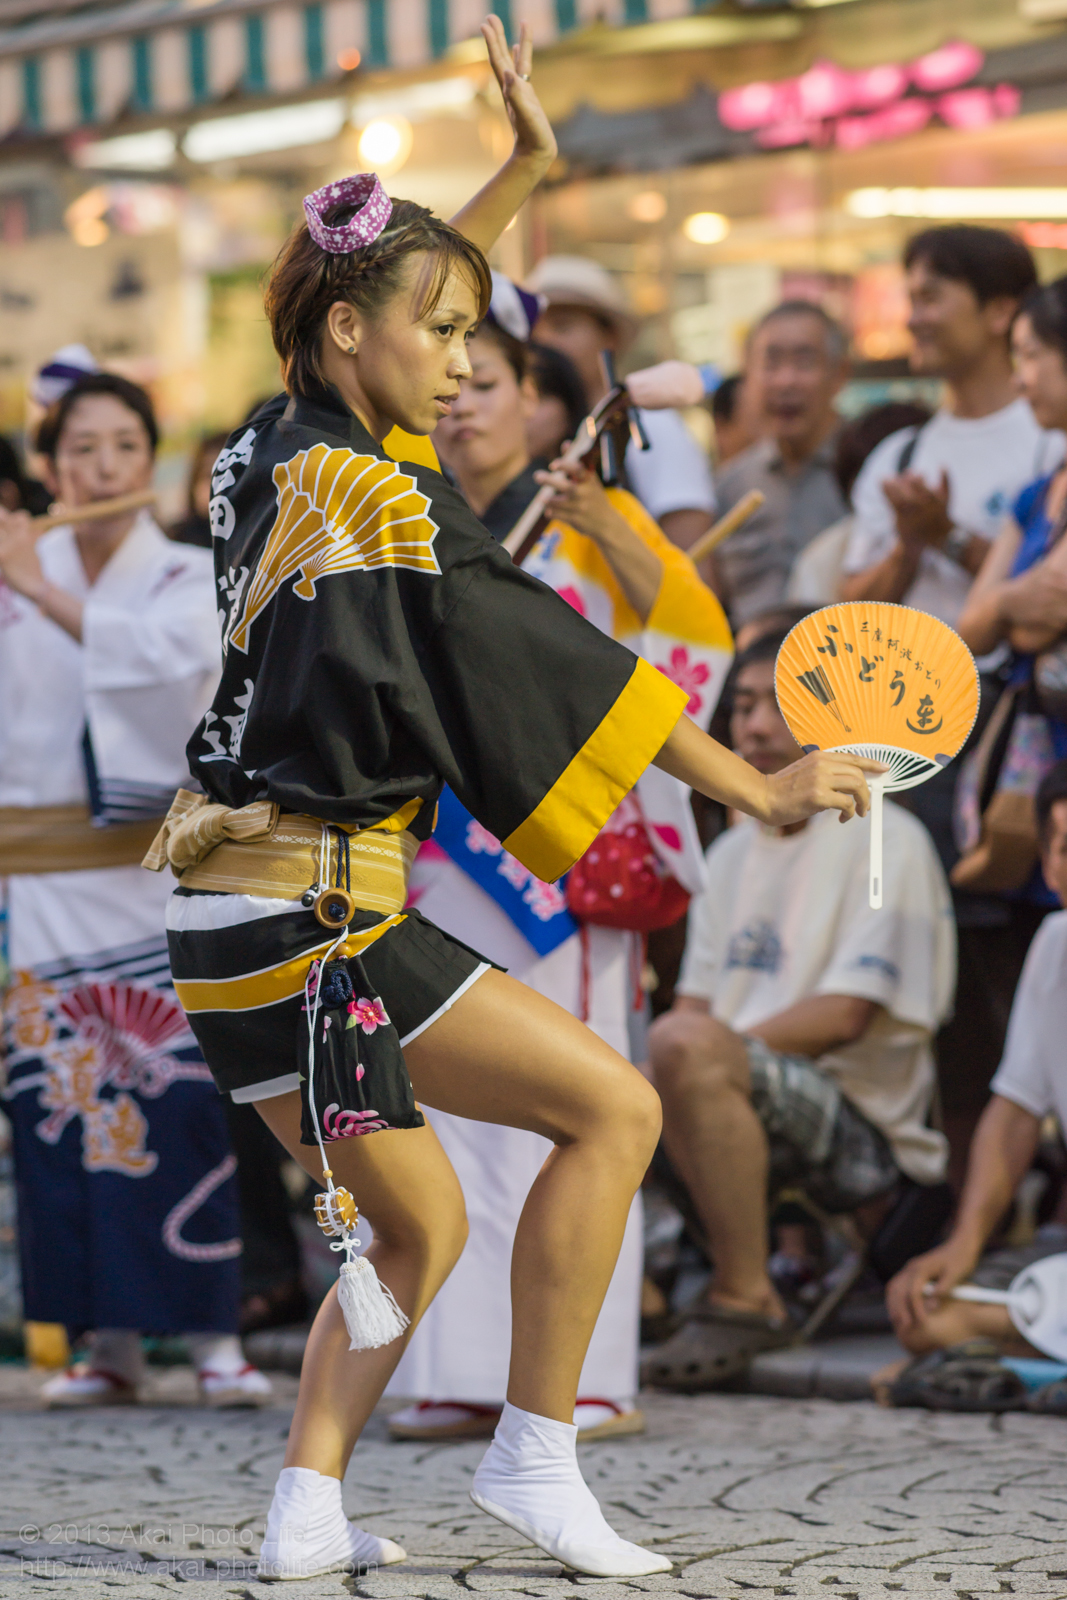 三鷹阿波踊り、富道連の女性の男踊り うちわ